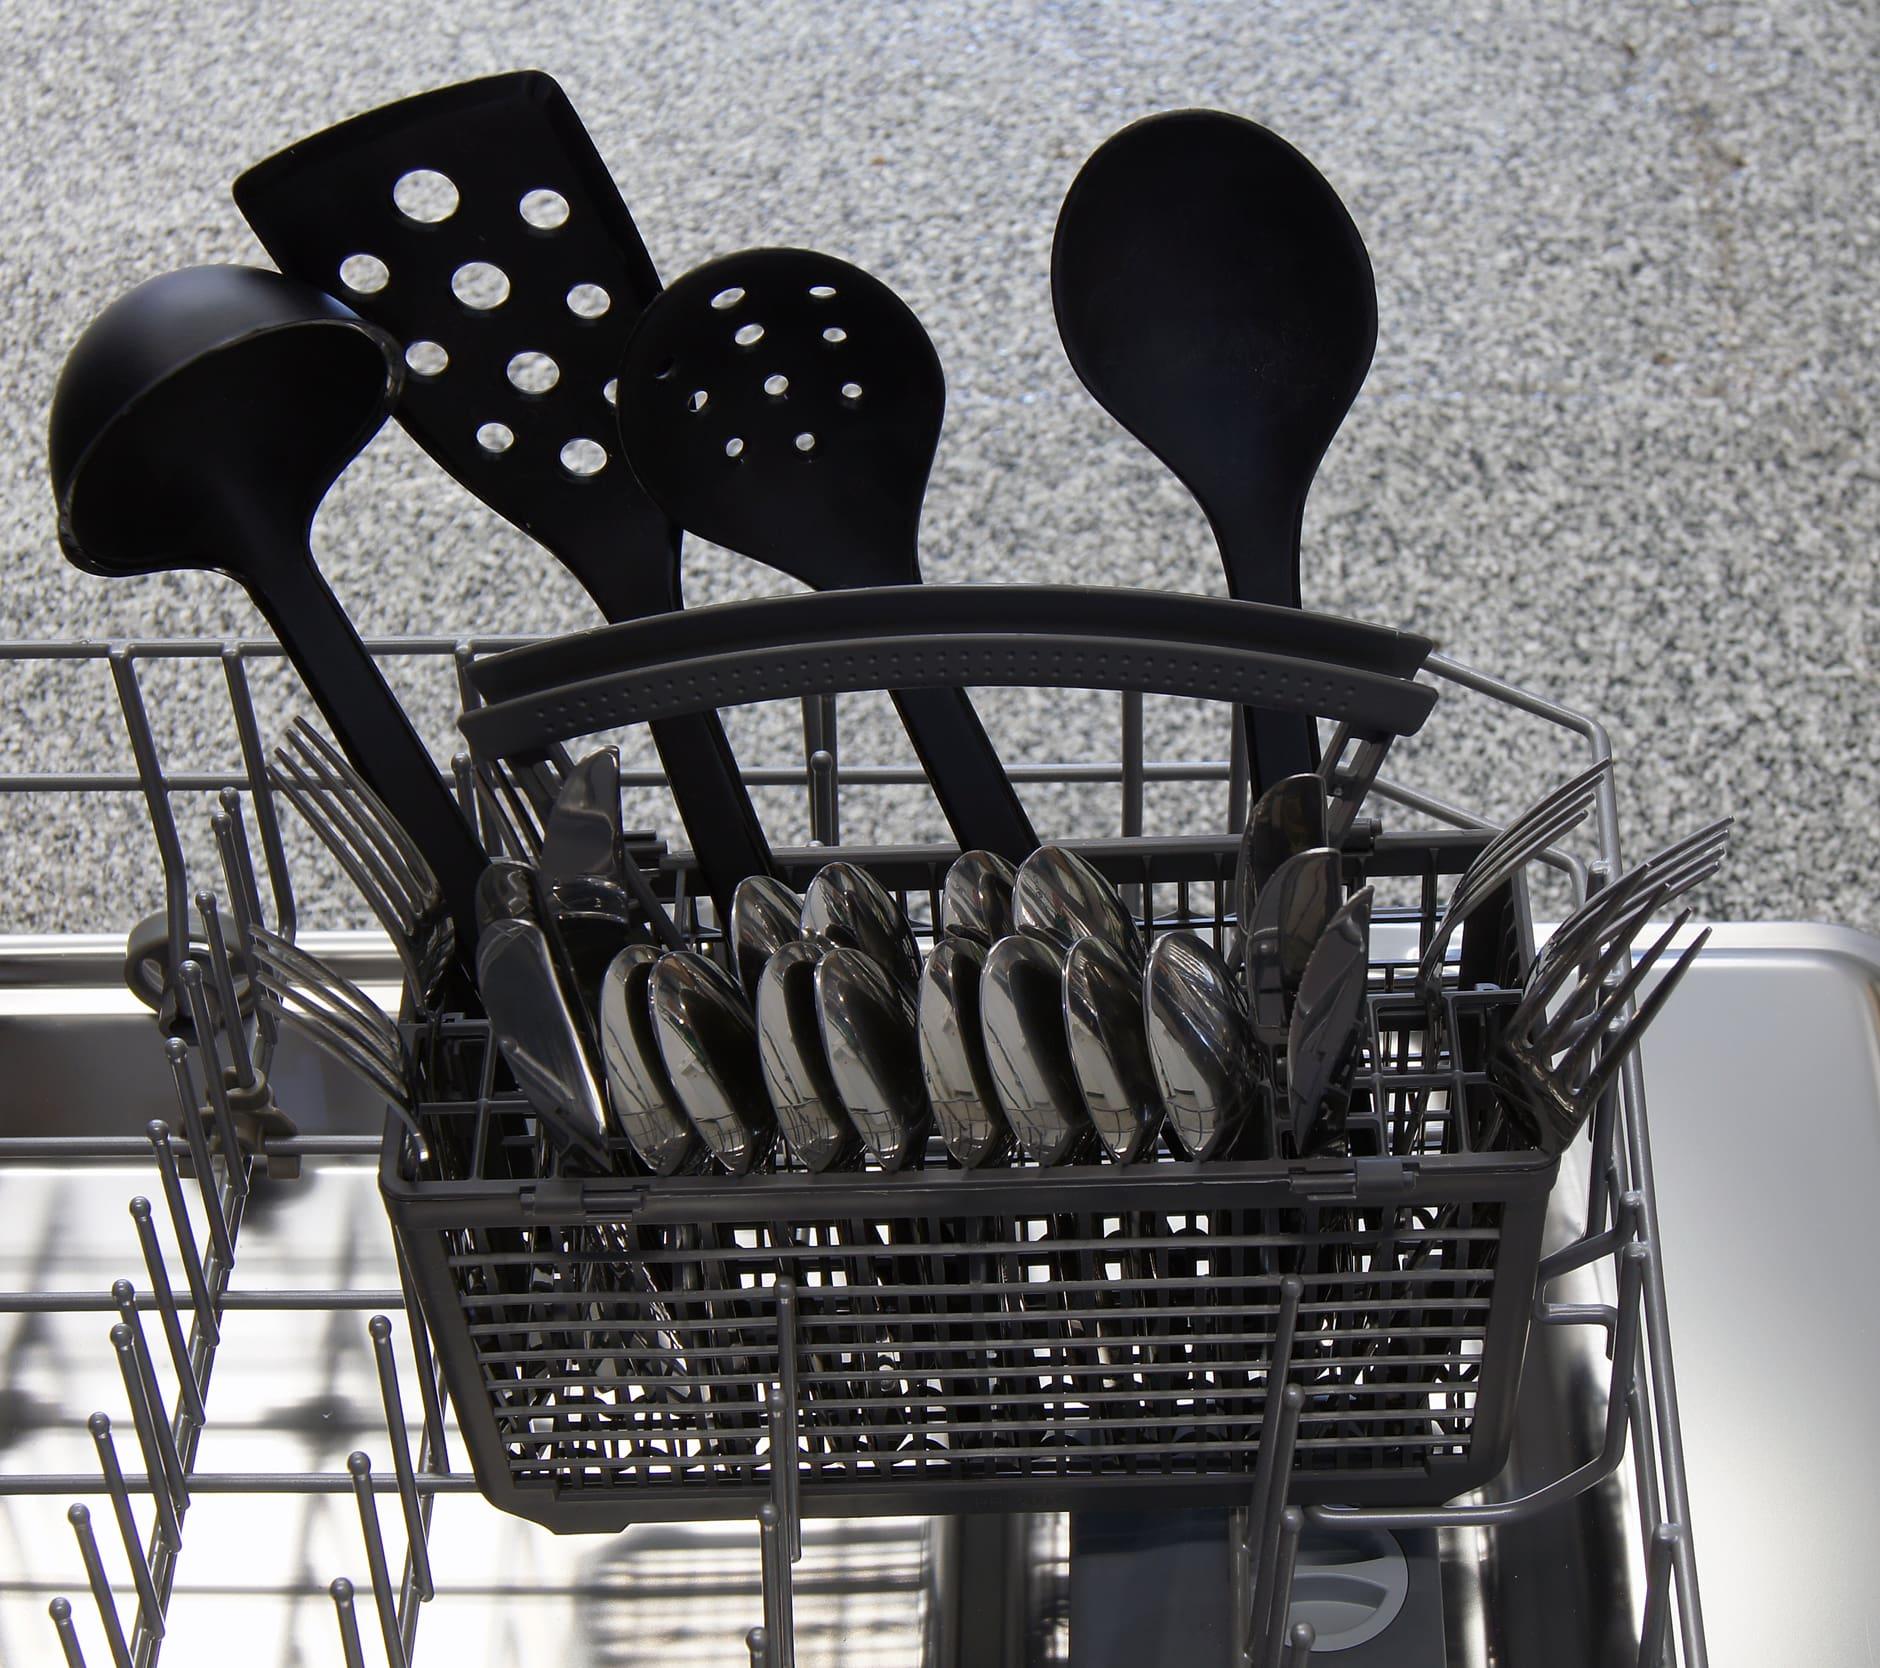 Kenmore Elite 14683 cutlery basket capacity